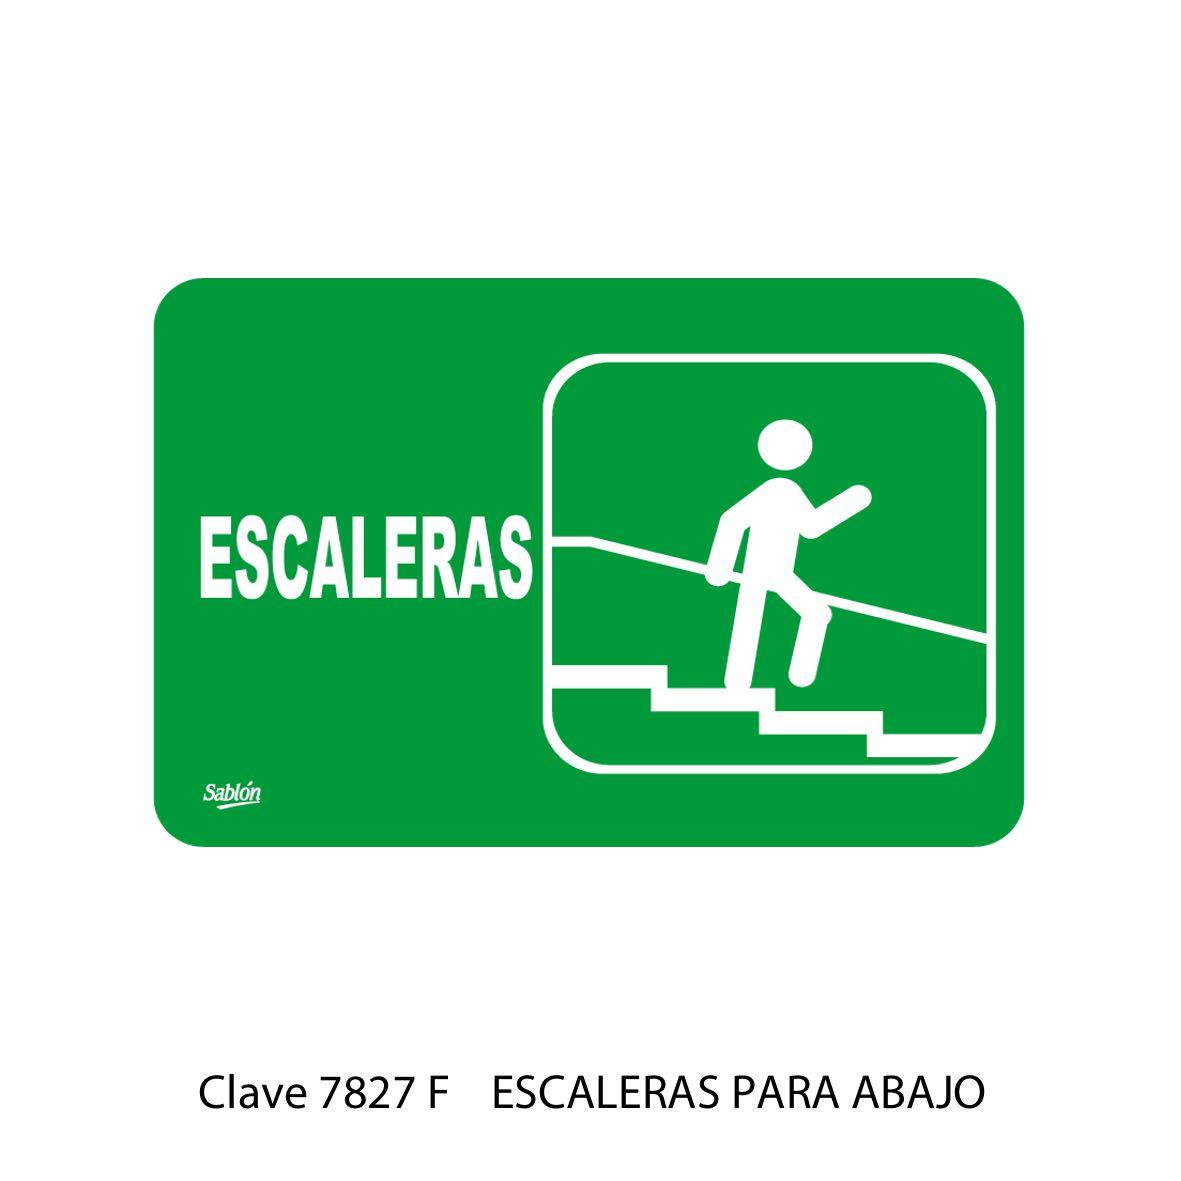 Señal Escaleras para Abajo 7827 F - Sablón